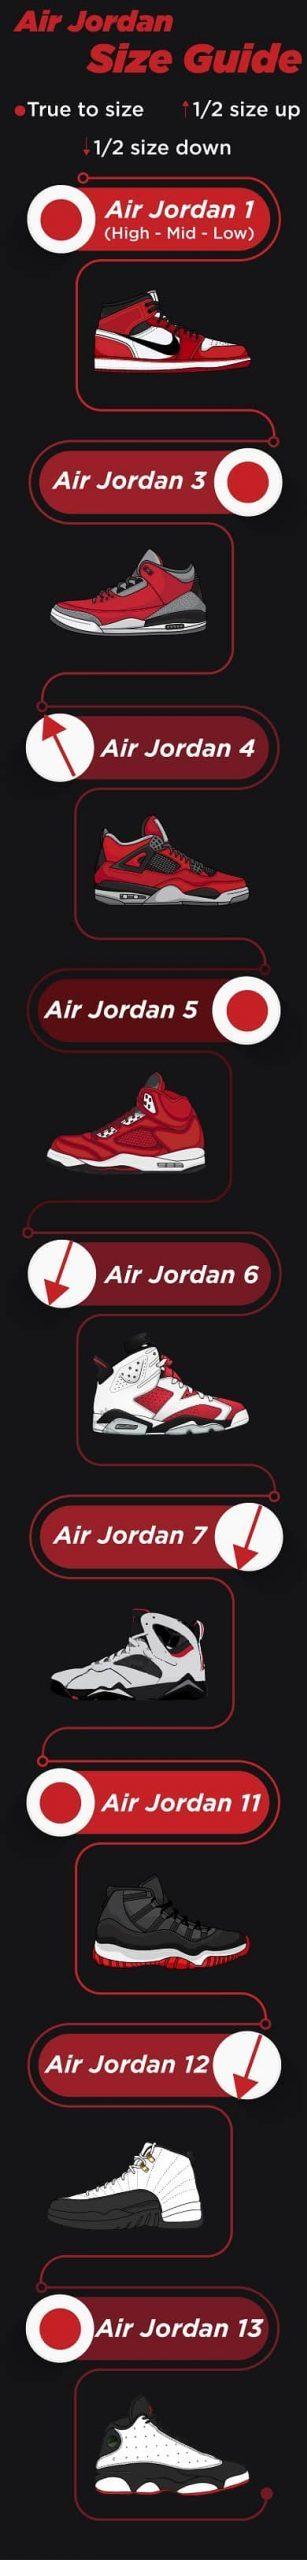 Air Jordan Size Guide